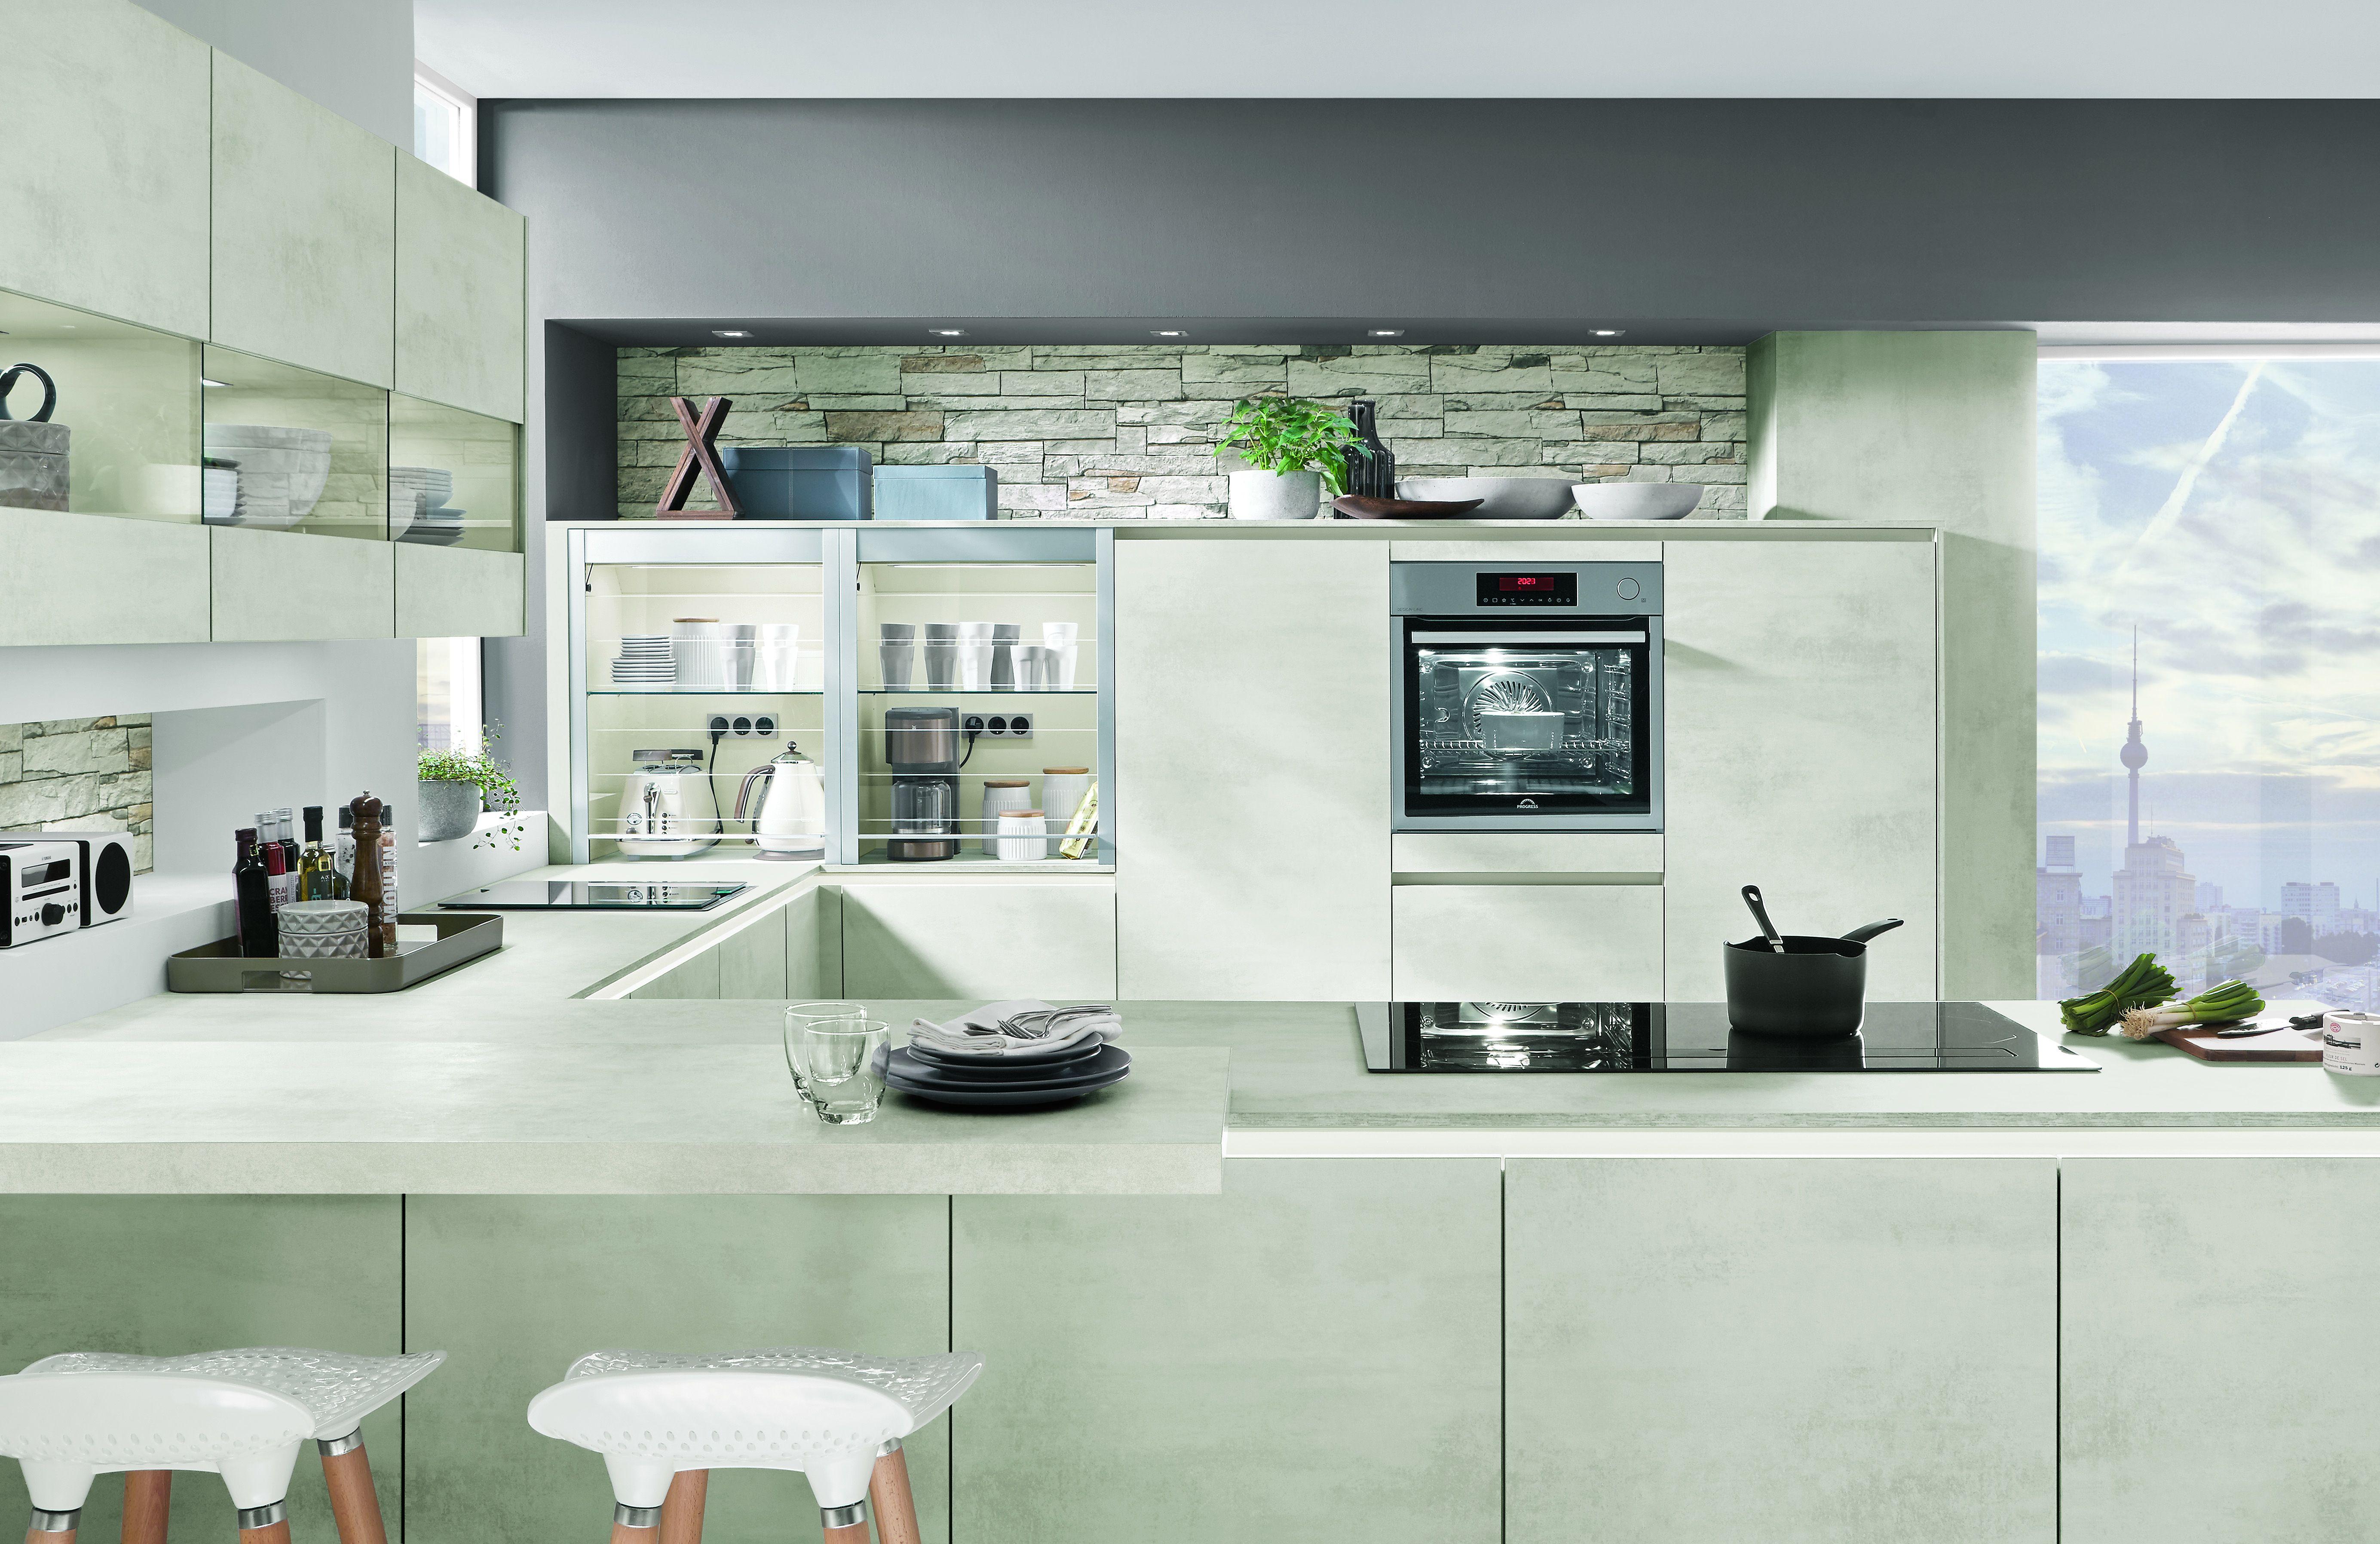 Malerisch U Küche Foto Von Moderne U-küche In Heller Farbe